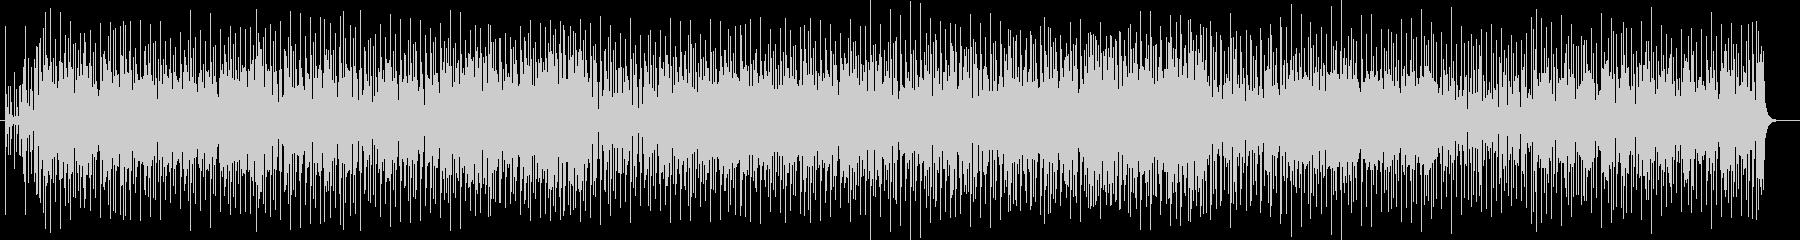 躍動感溢れるリズムミュージックの未再生の波形